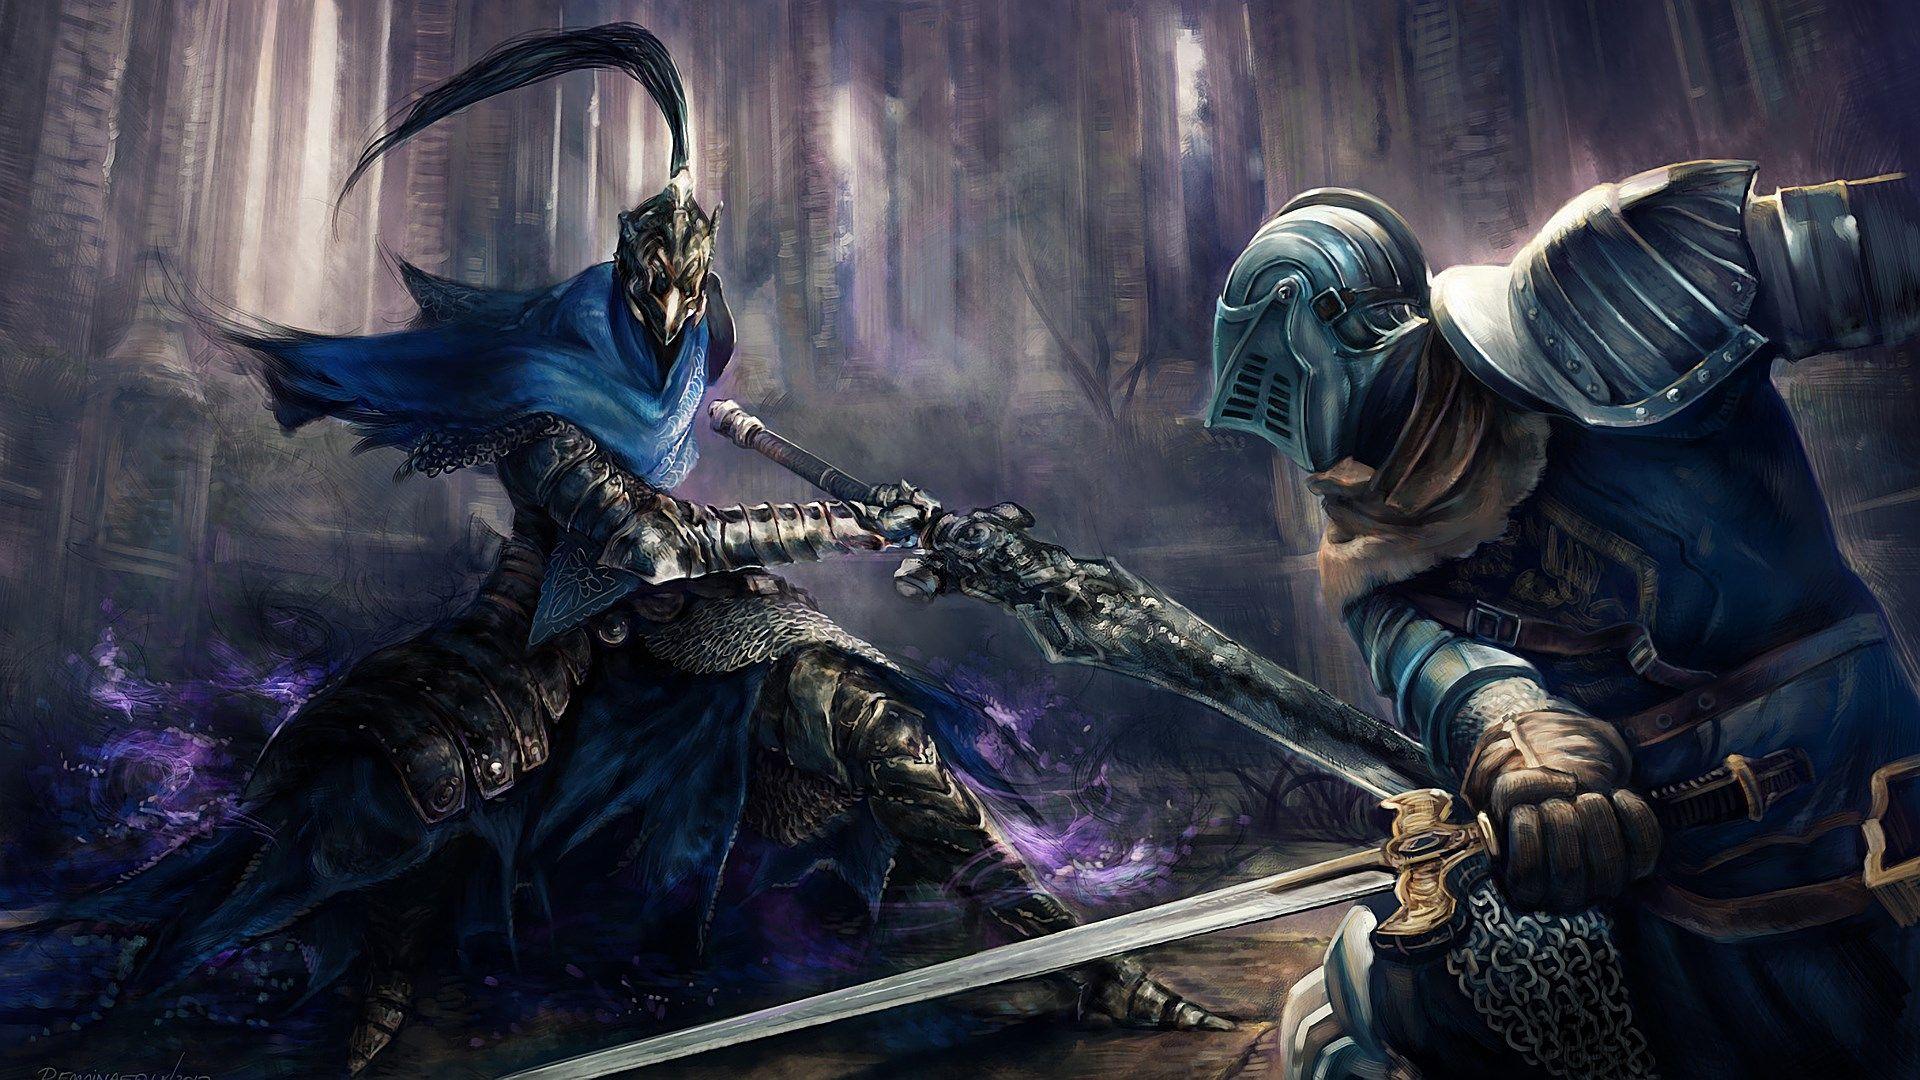 Dark Souls Artorias Wallpaper Dark Souls Artorias Dark